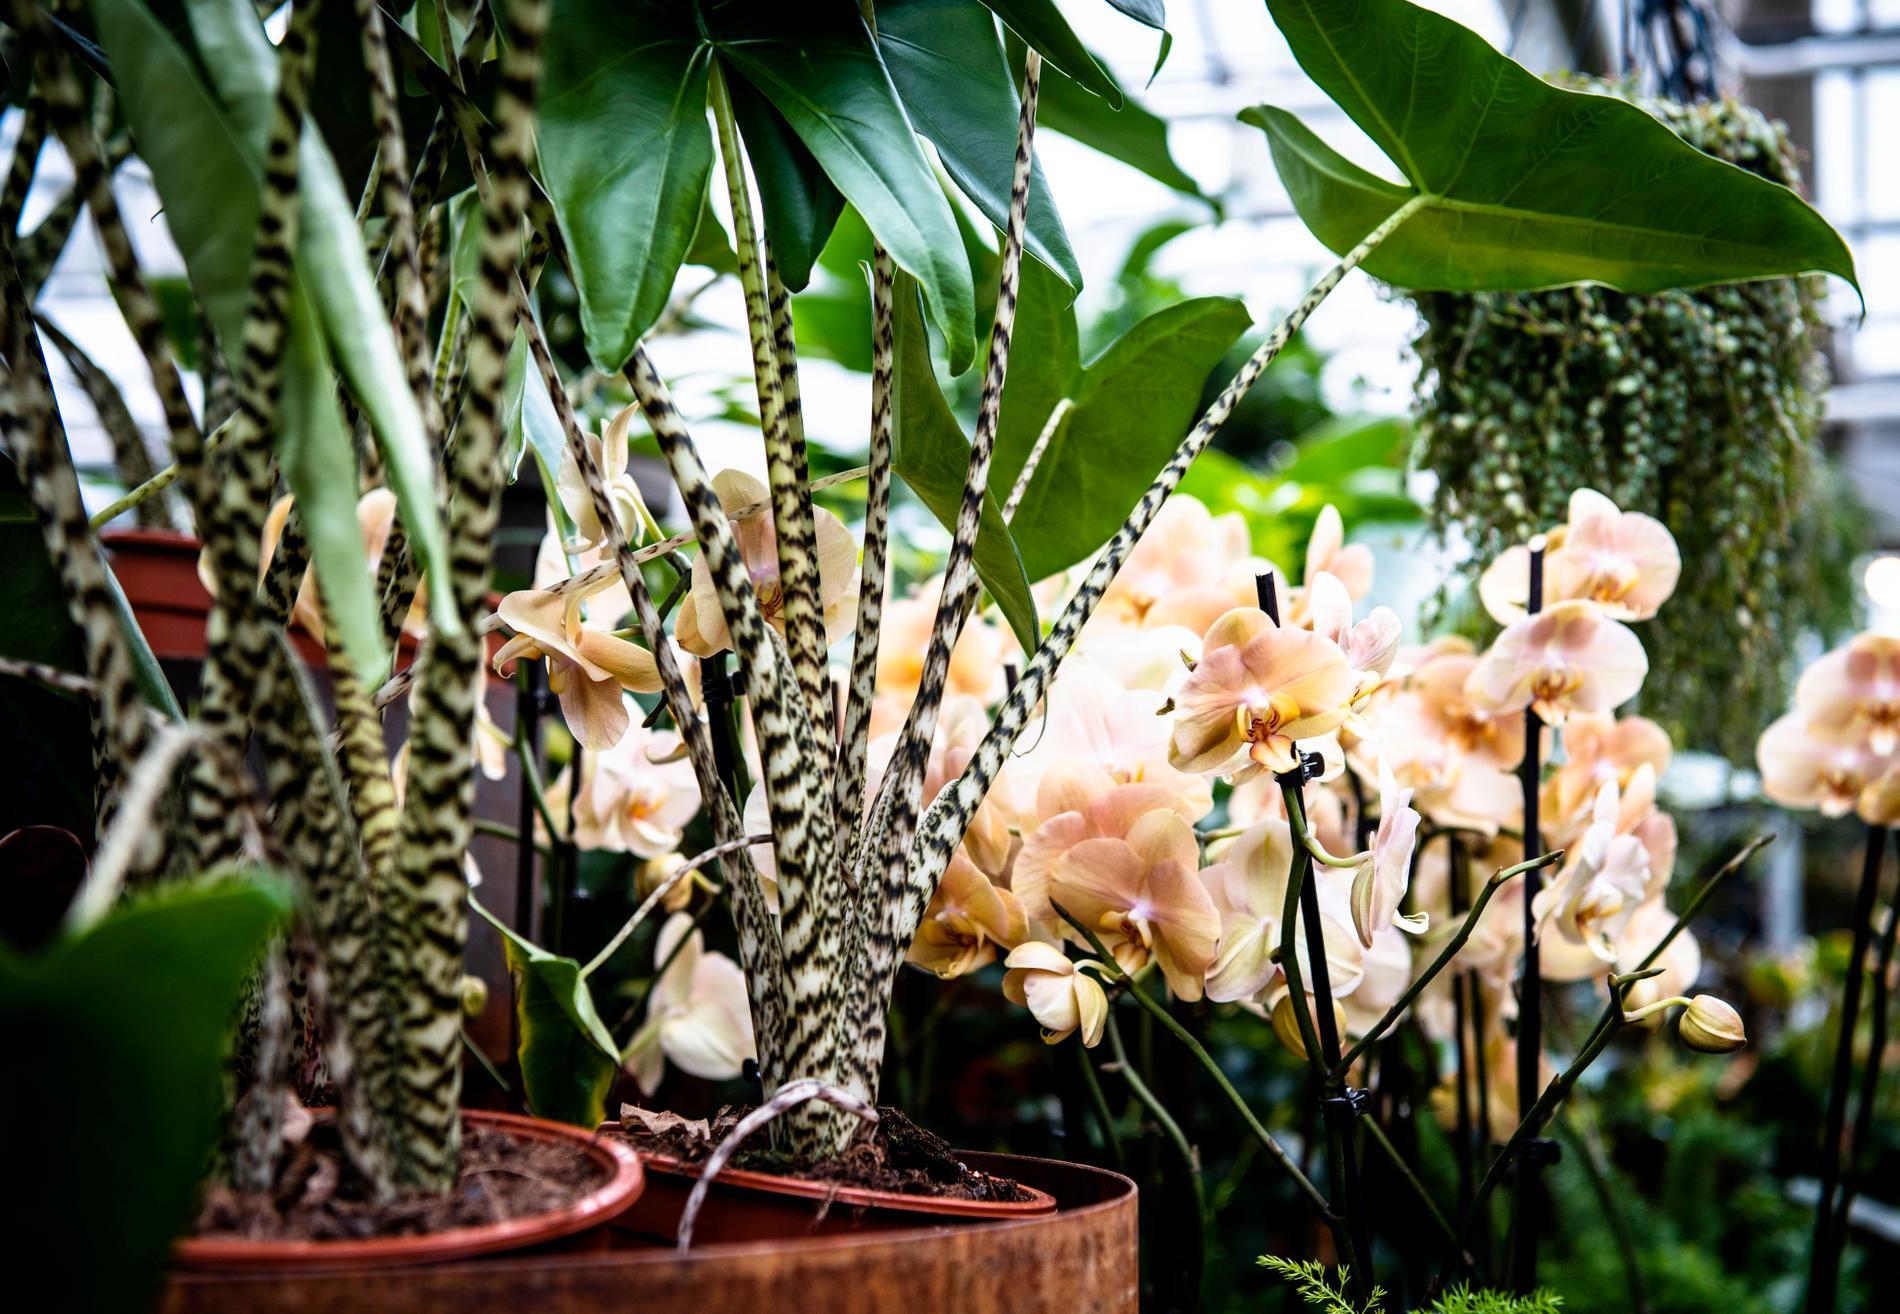 Zebrasköld och orkidé i fin färgharmoni.